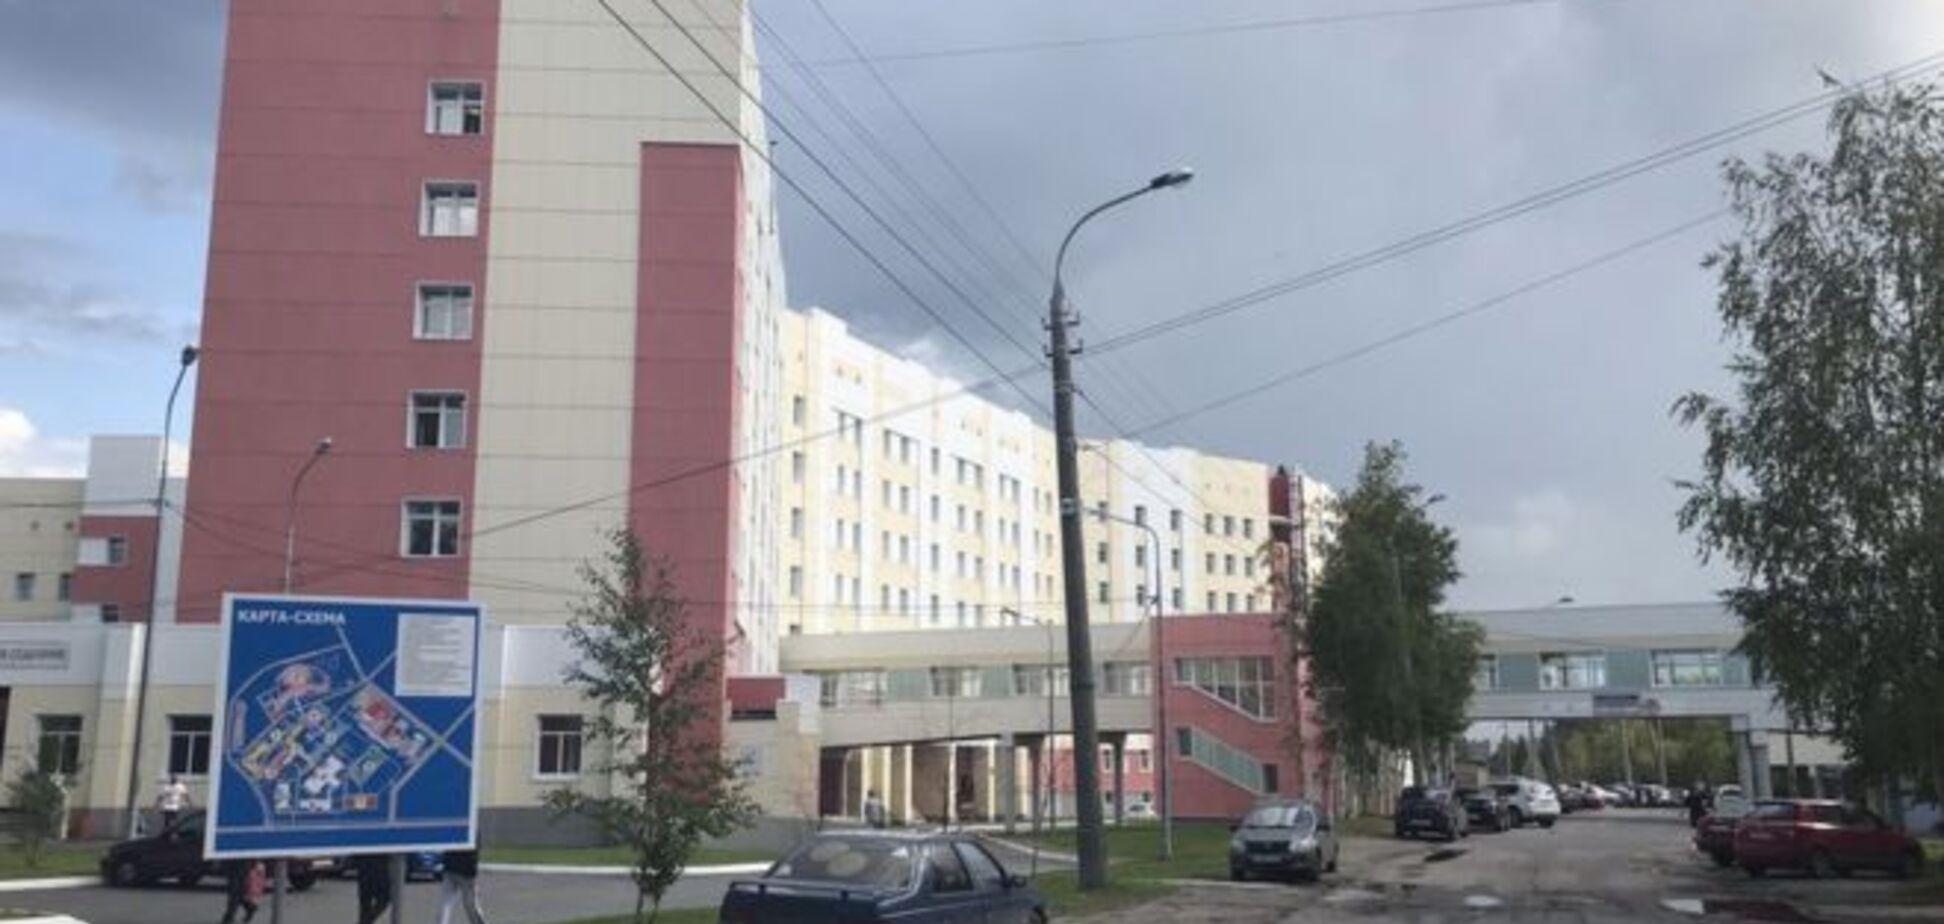 Дуже велика доза: з'явилися тривожні дані про постраждалих у НП під Архангельськом